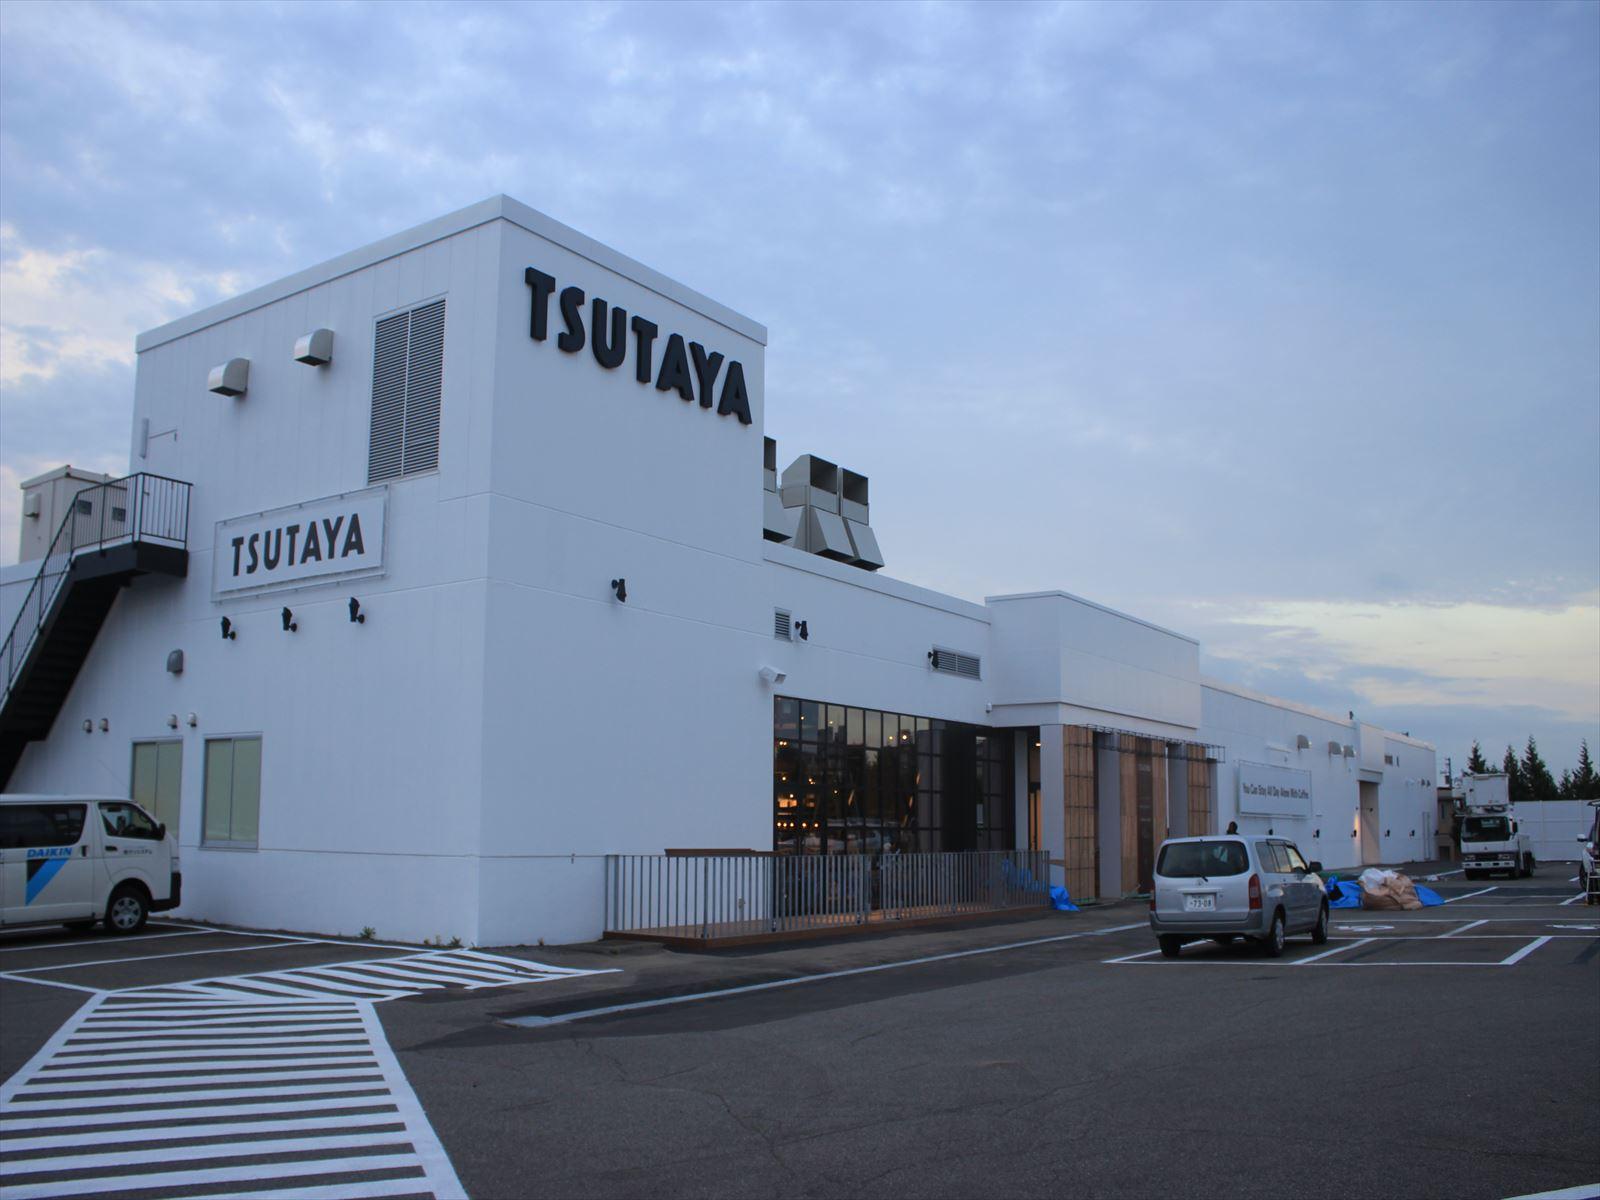 9月中旬にオープンする「TSUTAYA美しが丘」